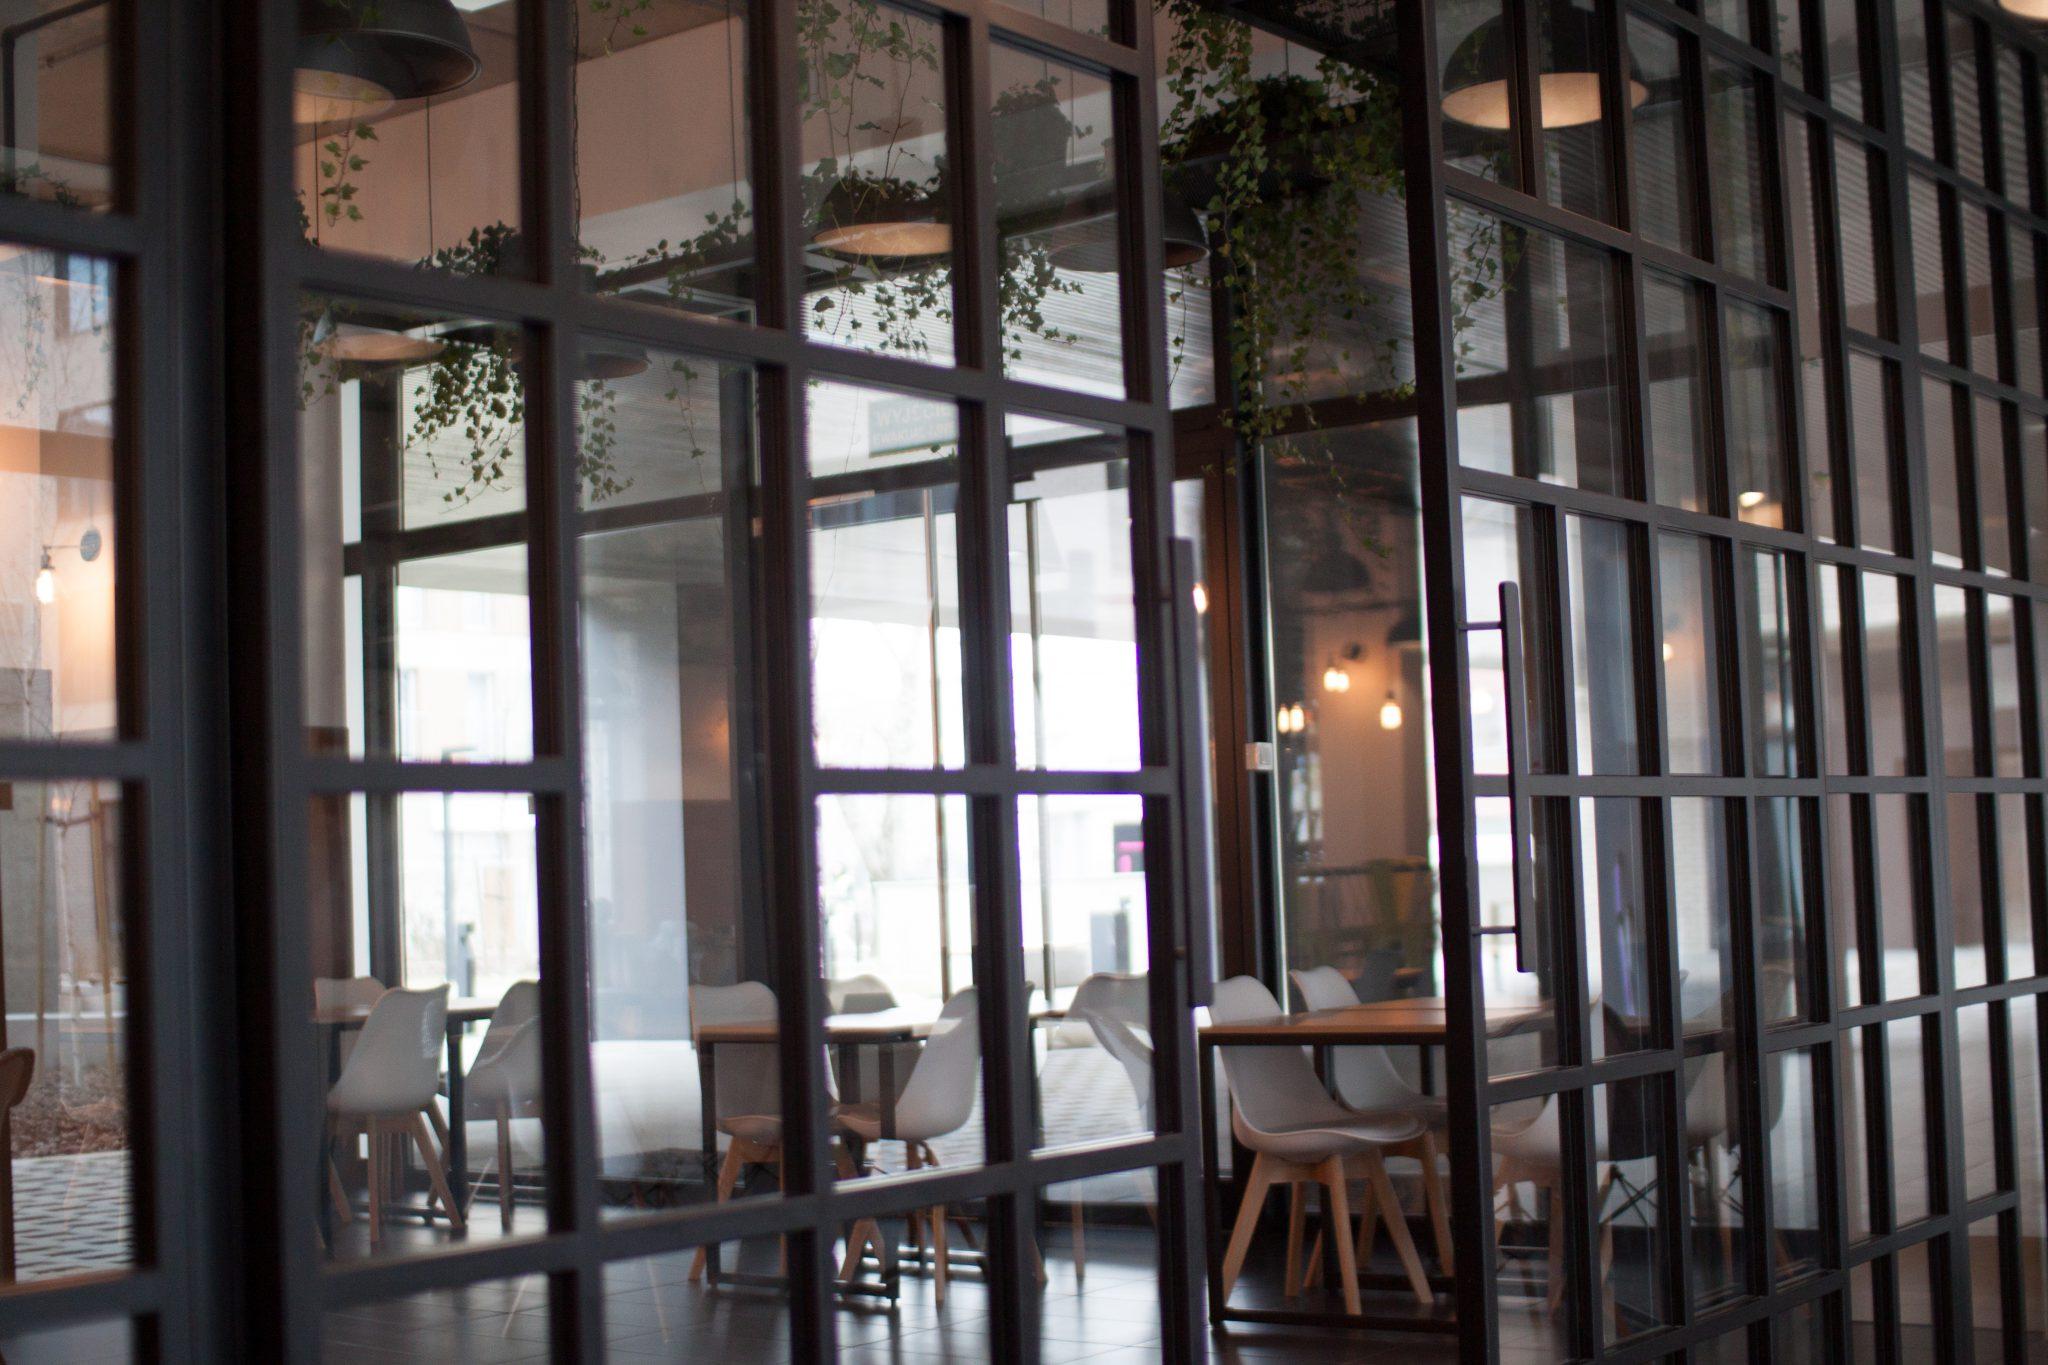 drzwi loftowe Icon Loft, drzwi industrialne, drzwi przesuwne metaloweIcon Concept, drzwi kute, drzwi metalowe, drzwi metalowe loftowe, drzwi wewnętrzne, wrocław, dolnośląskie, LOFT, drzwi loft, drzwi metalowe loft, kowalstwo, okna metalowe industrialne, witryny metalowe industrialne